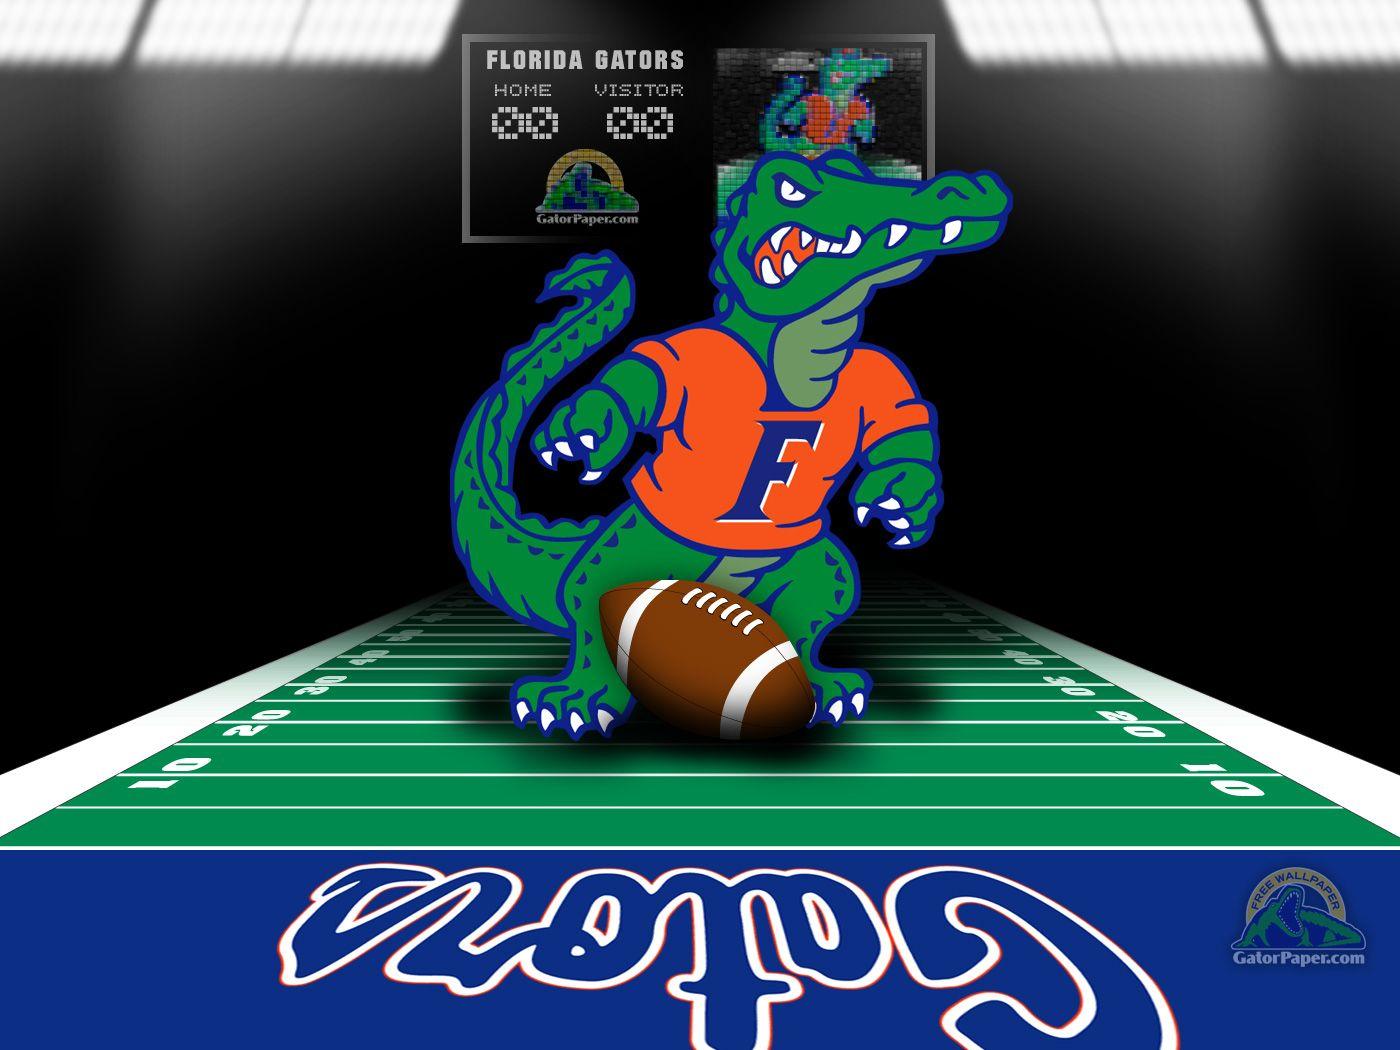 Free Florida Gators Wallpaper Florida Gators Football Wallpaper Cached Florida Gators Football Wallpaper Florida Gators Football Florida Gators Wallpaper